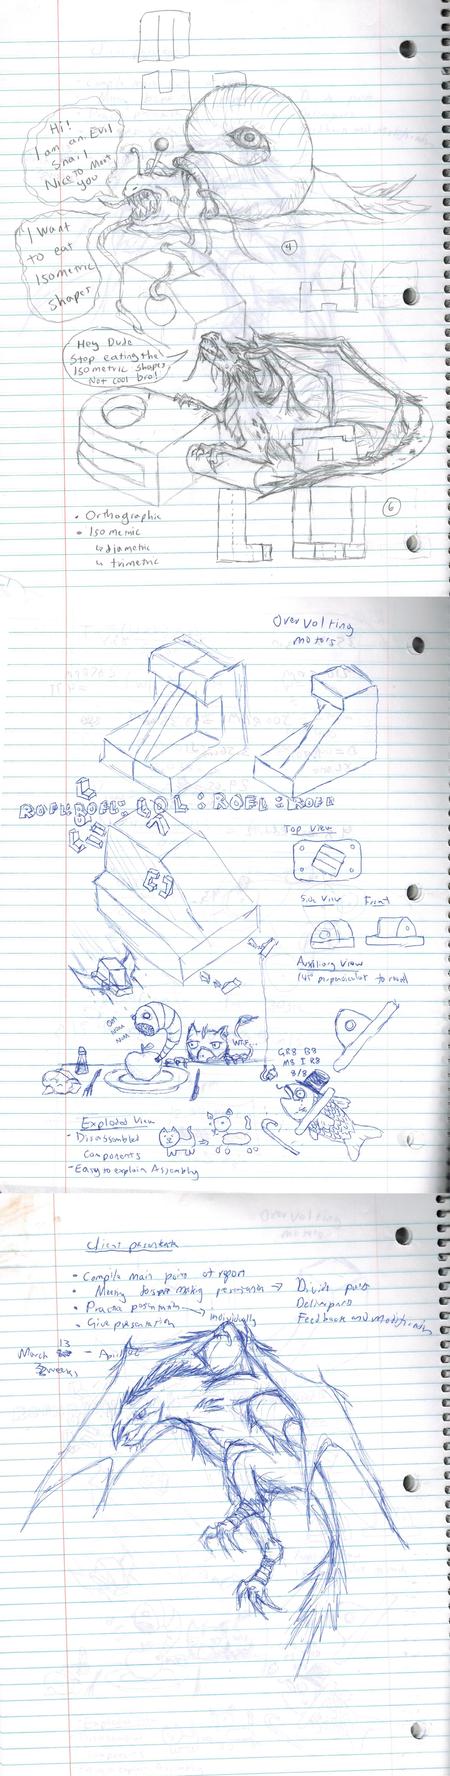 Random sketches by twistedndistorted